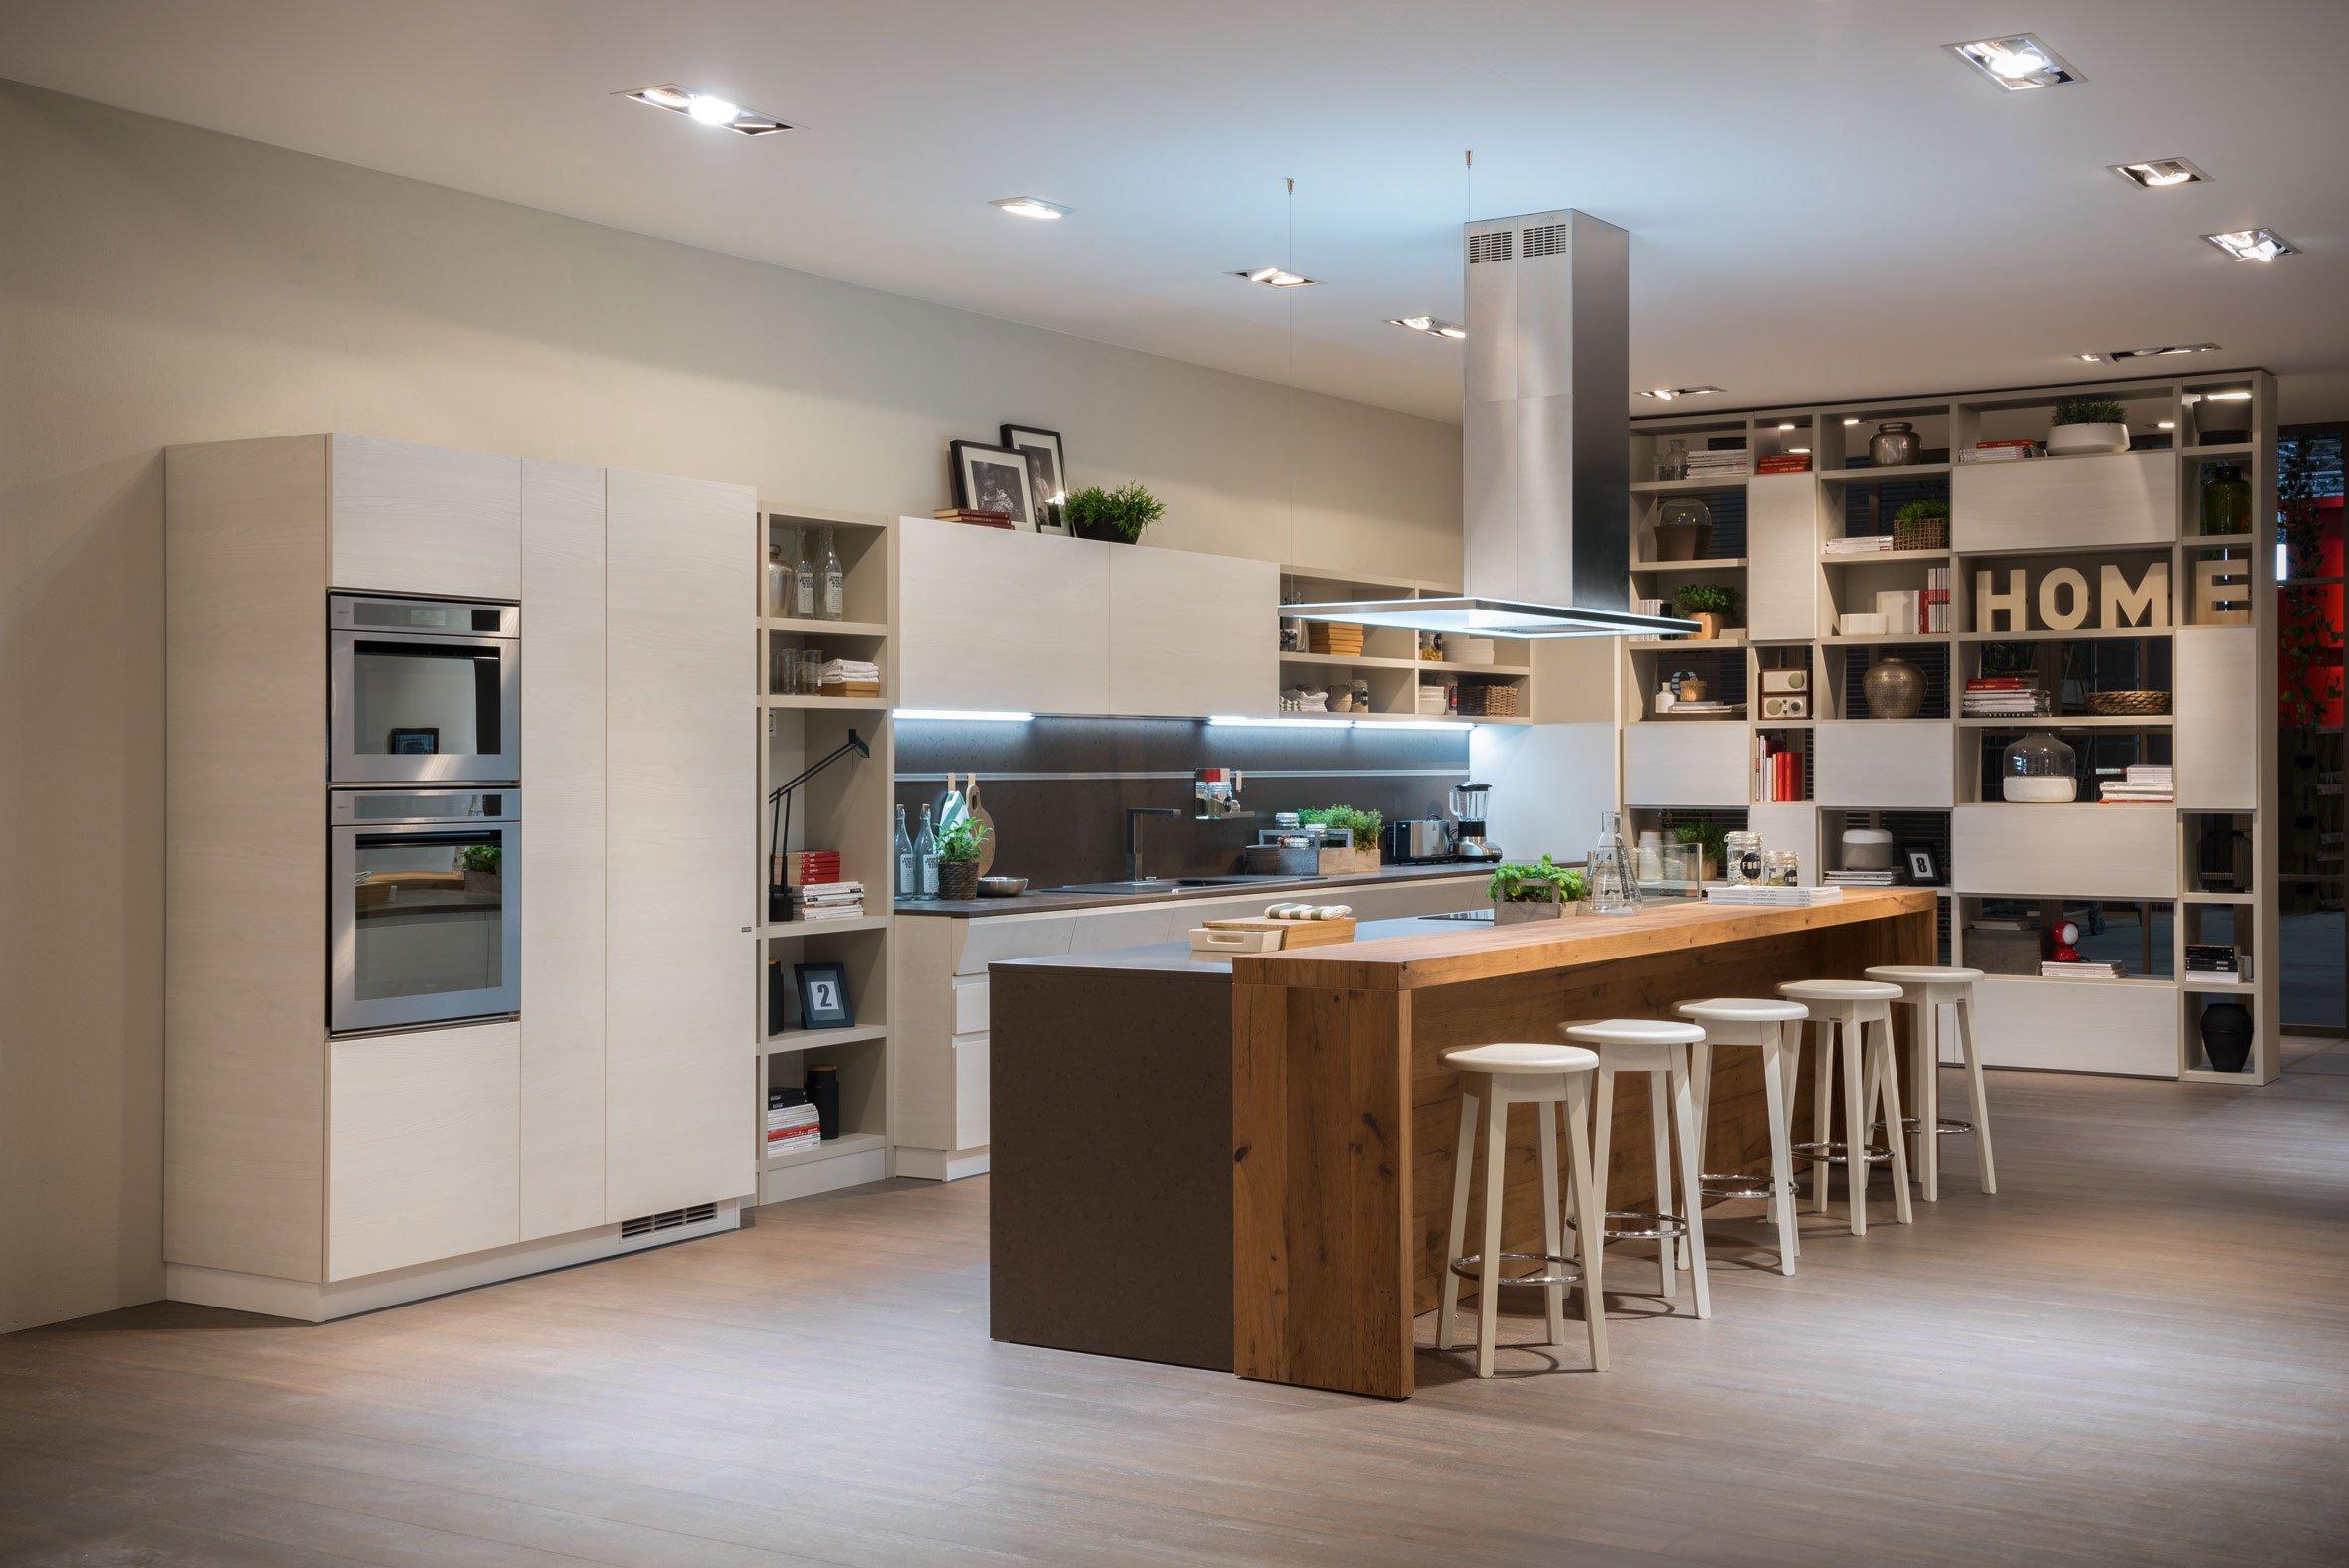 cucina e soggiorno: un unico ambiente - cose di casa - Arredare Unico Ambiente Cucina Soggiorno